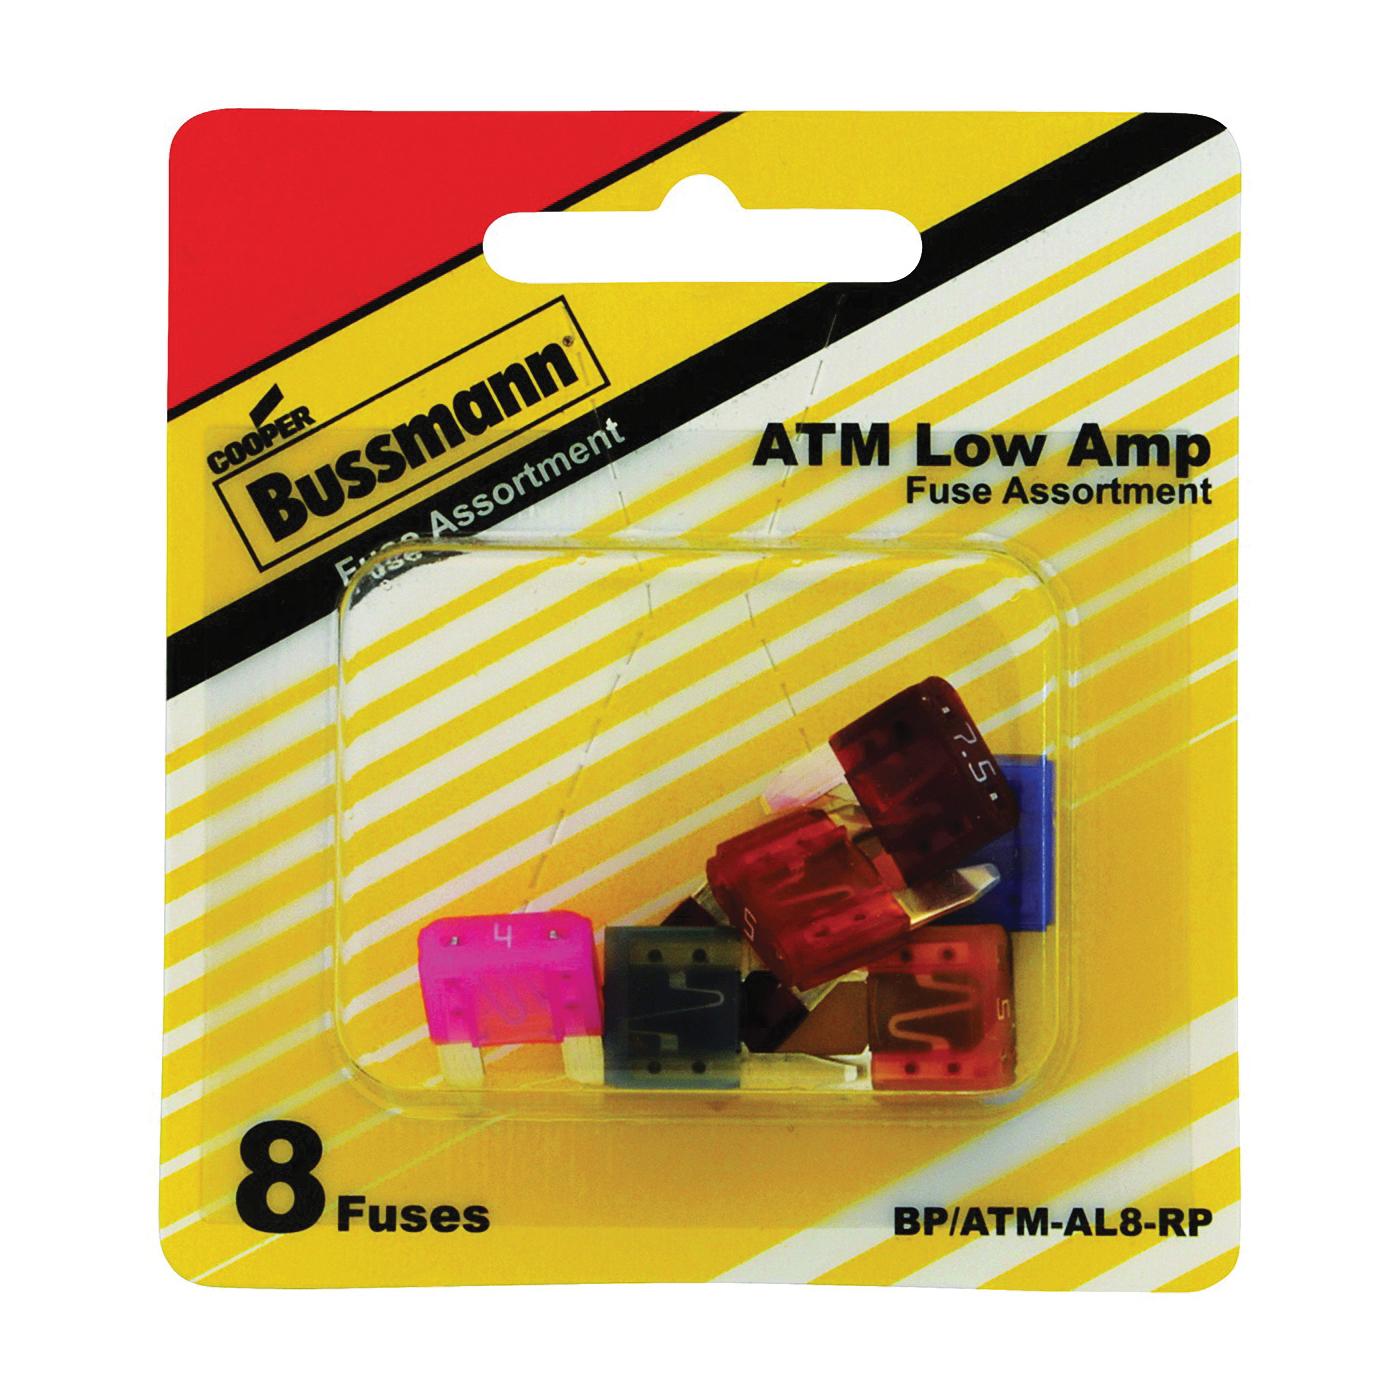 Picture of Bussmann BP/ATM-AL8-RP Fuse Kit, 32 VDC, 2/7.5 A, 1 kA Interrupt